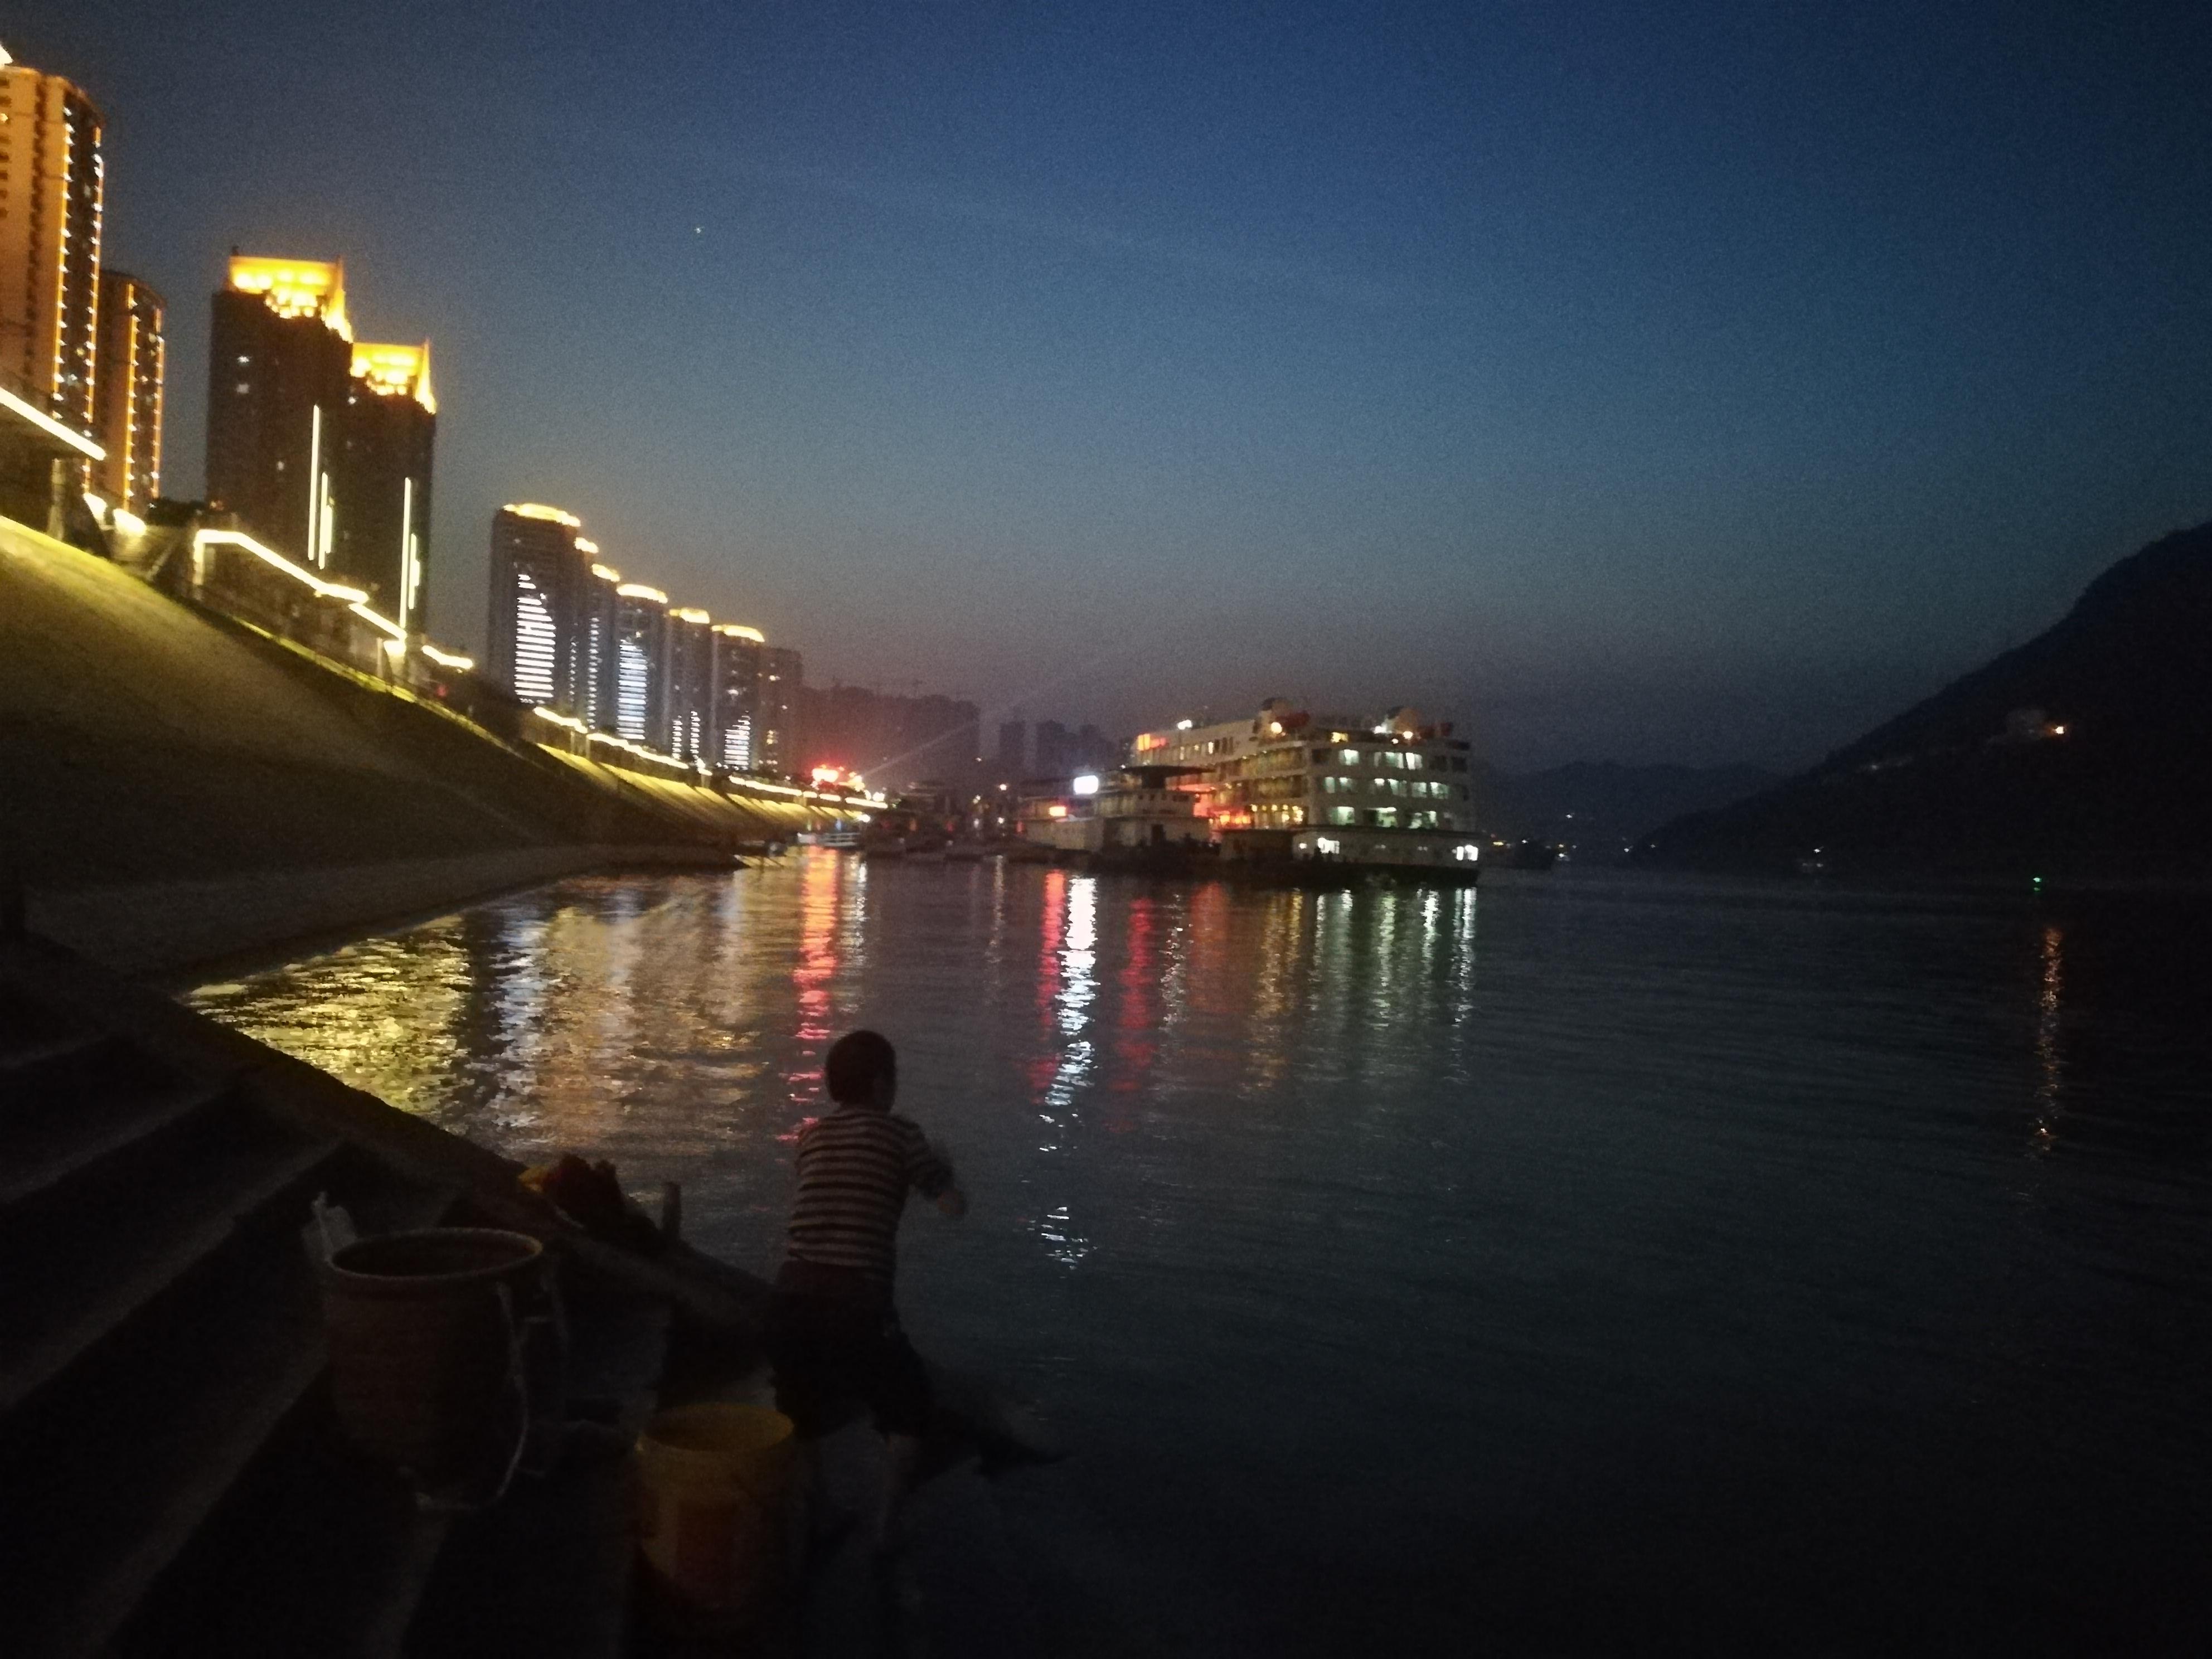 江边的夜晚灯光漂亮吗